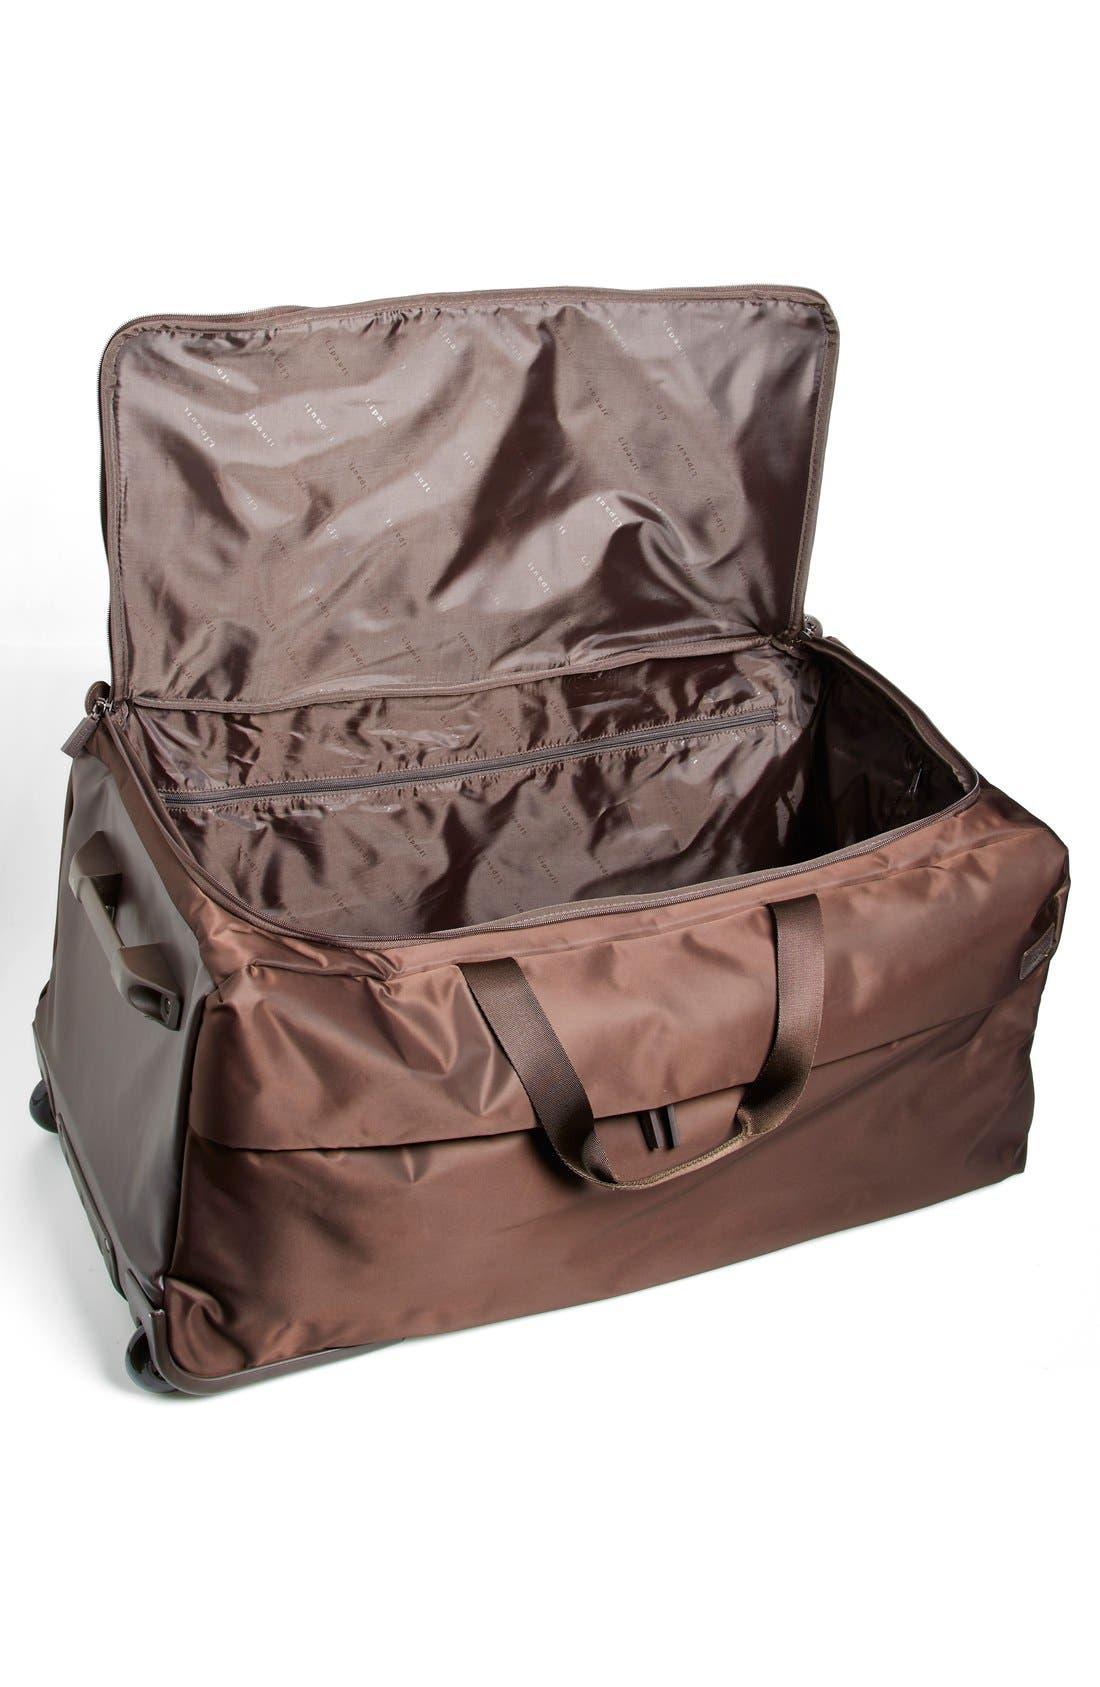 Alternate Image 2  - LIPAULT Paris Foldable Rolling Duffel Bag (30 Inch)